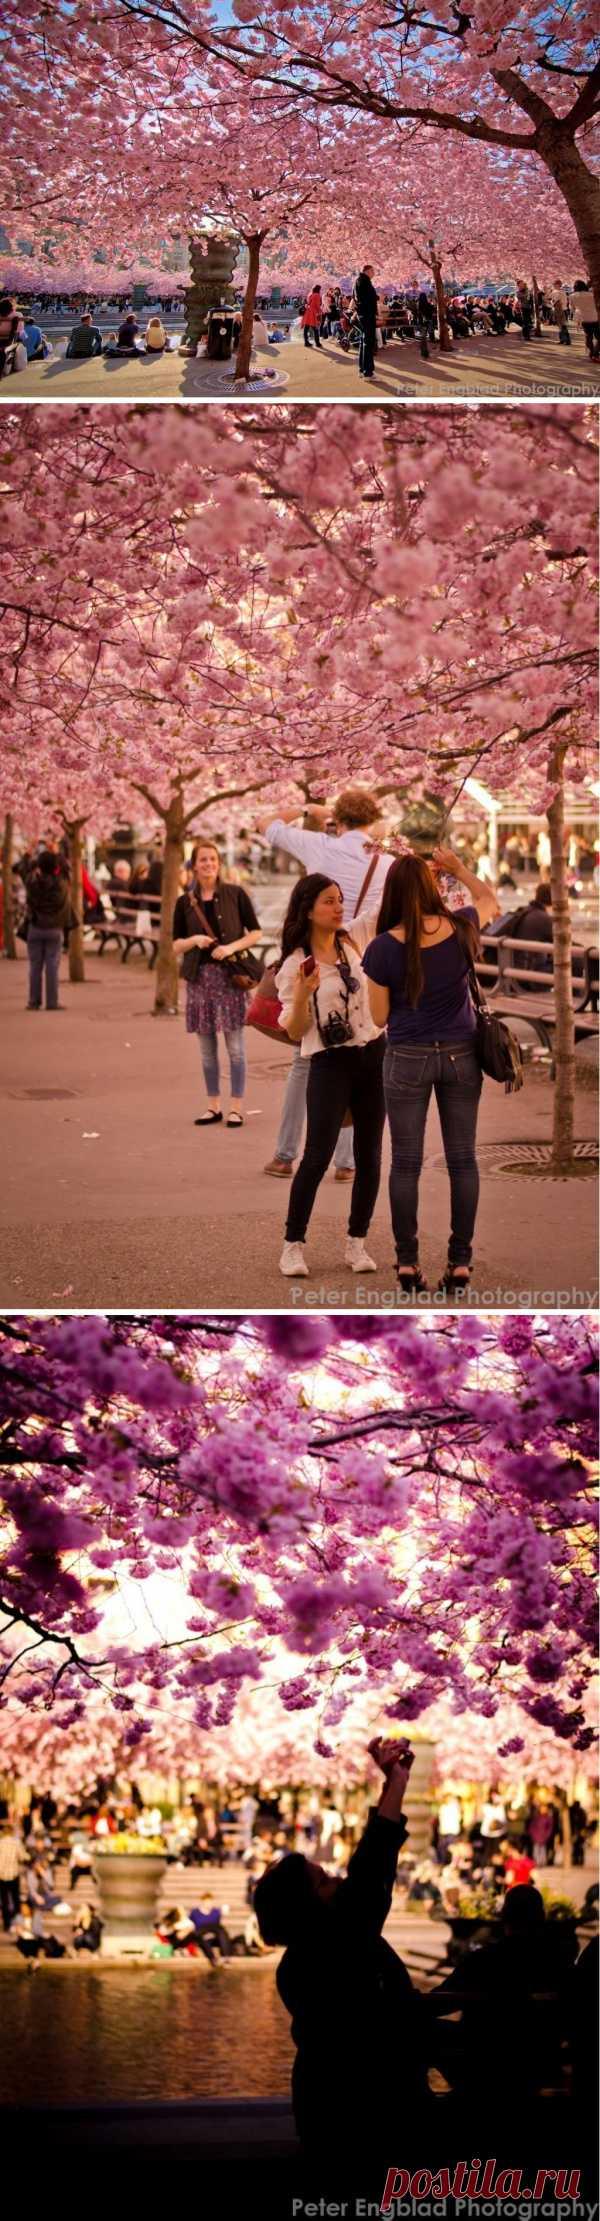 Неописуемая красота. Цветение сакуры в Королевском саду в центре Стокгольма, Швеция